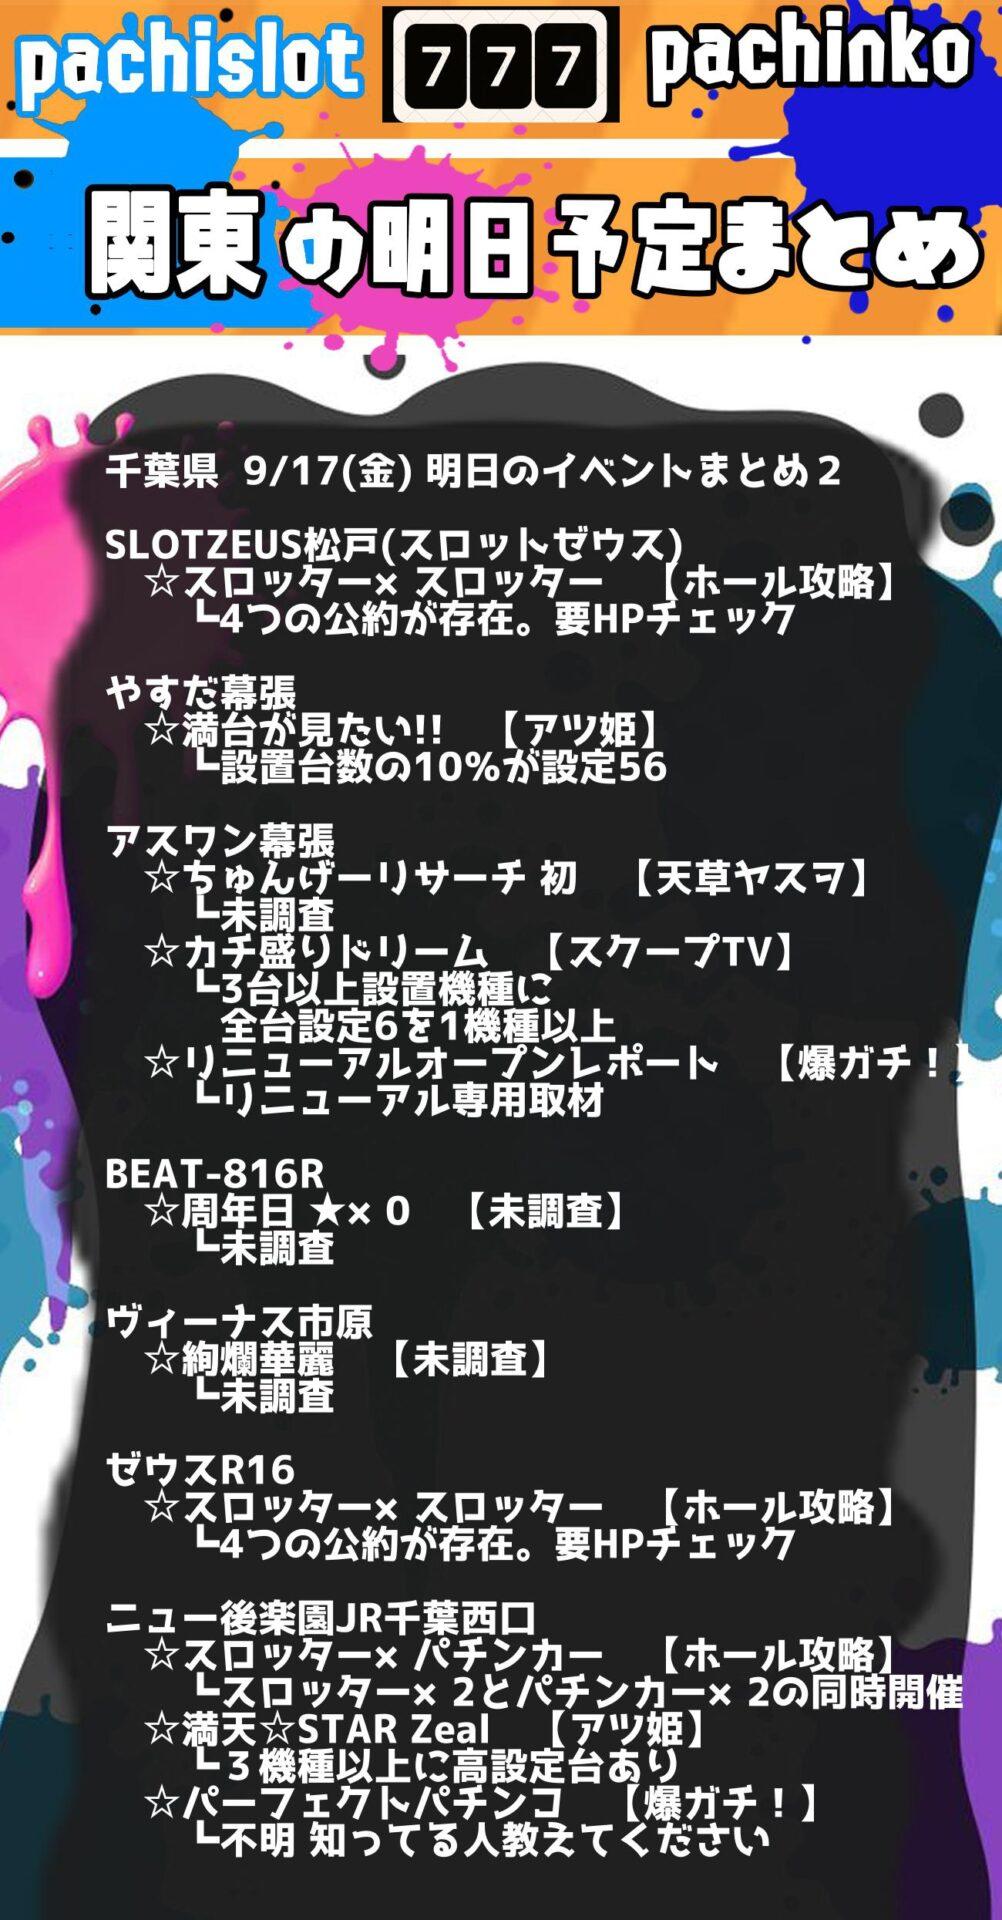 千葉県_2021-09-17_パチンコ・パチスロ_イベント